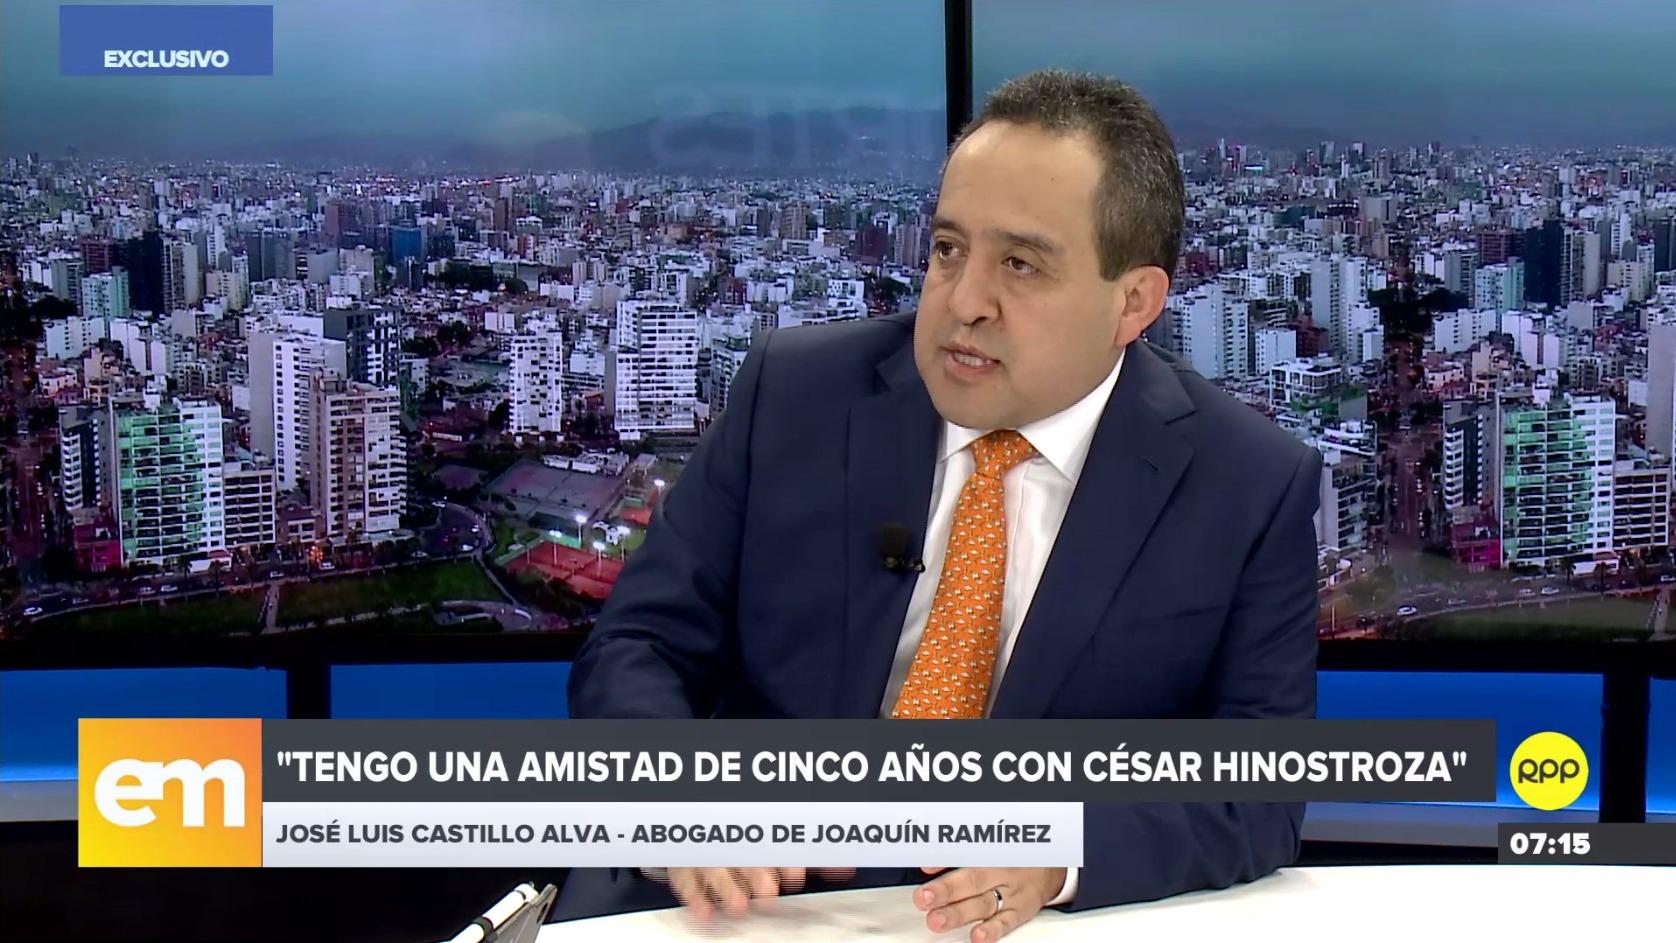 Abogado de Joaquín Ramírez, José Luis Castillo Alva, se pronuncia sobre reunión con Hinostroza y Ríos en RPP.